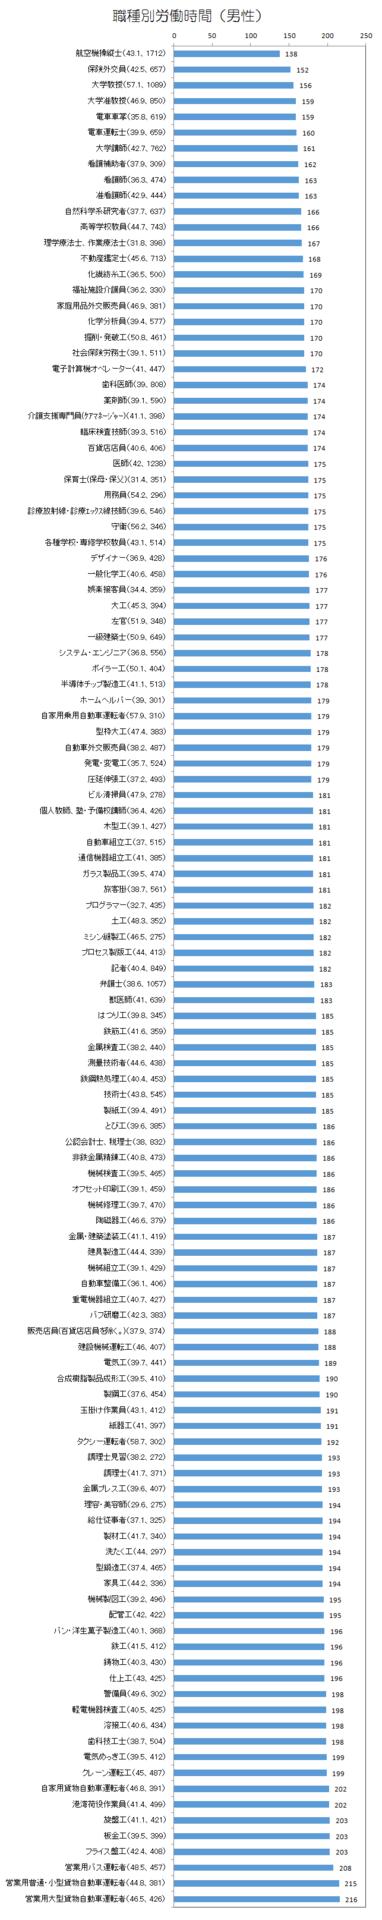 職種別労働時間(男性).png